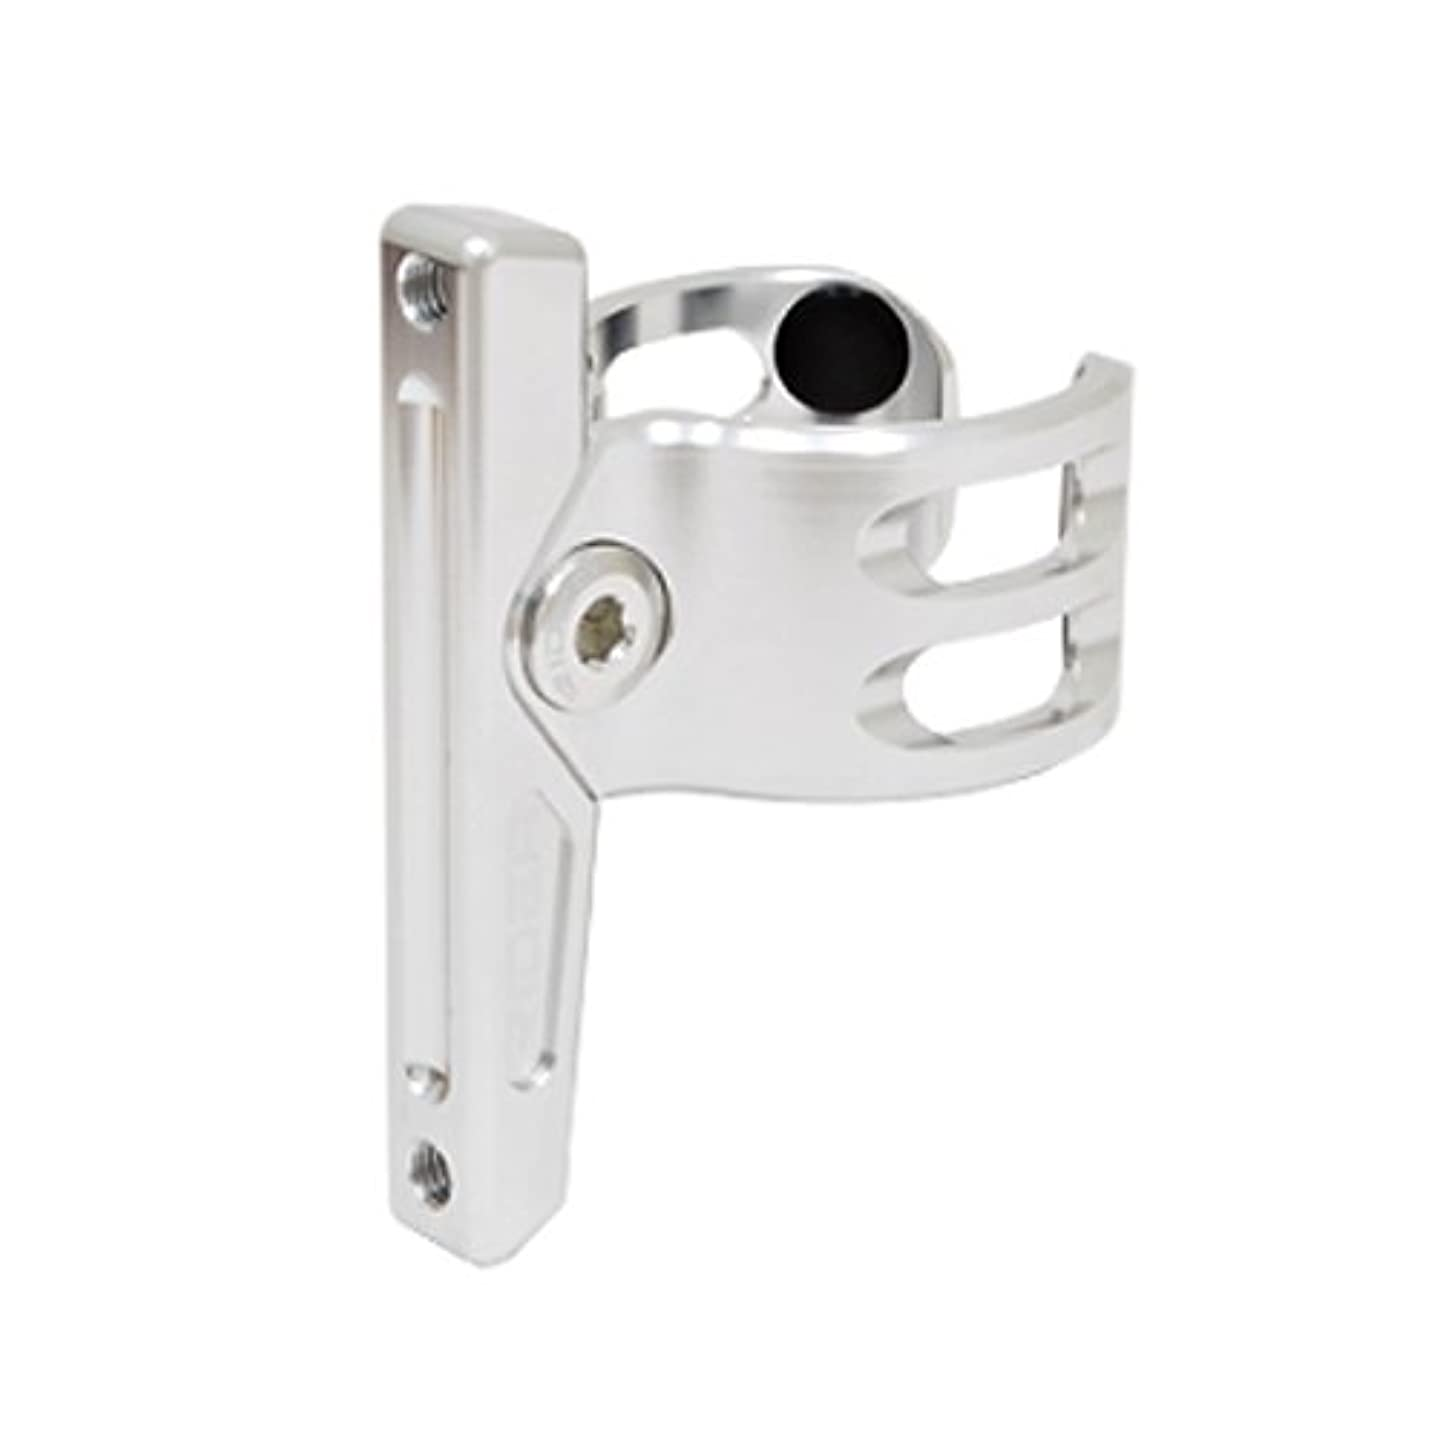 グラディスクランプ中古RIDEA(リデア) FCAS Mini Velo Bottle Cage Adapter(Single arm) シルバー